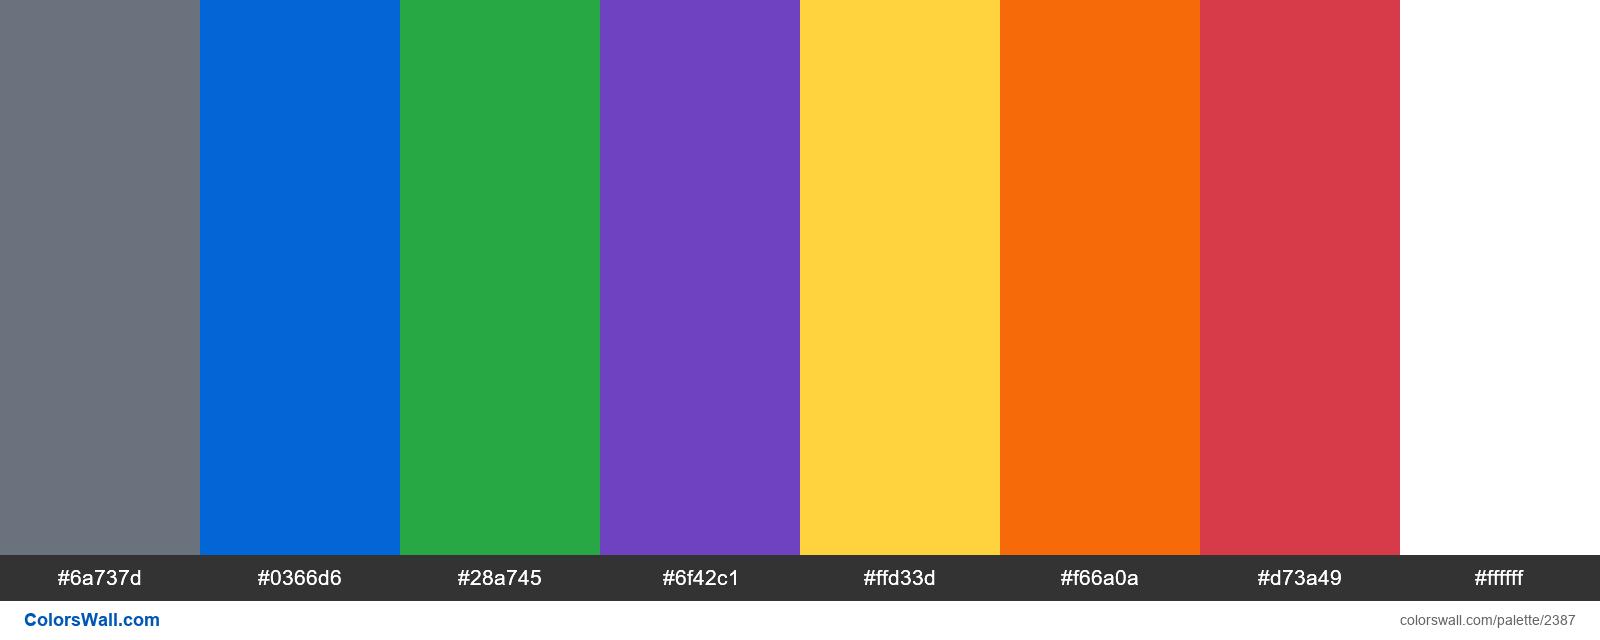 Primer CSS framework Color system - #2387